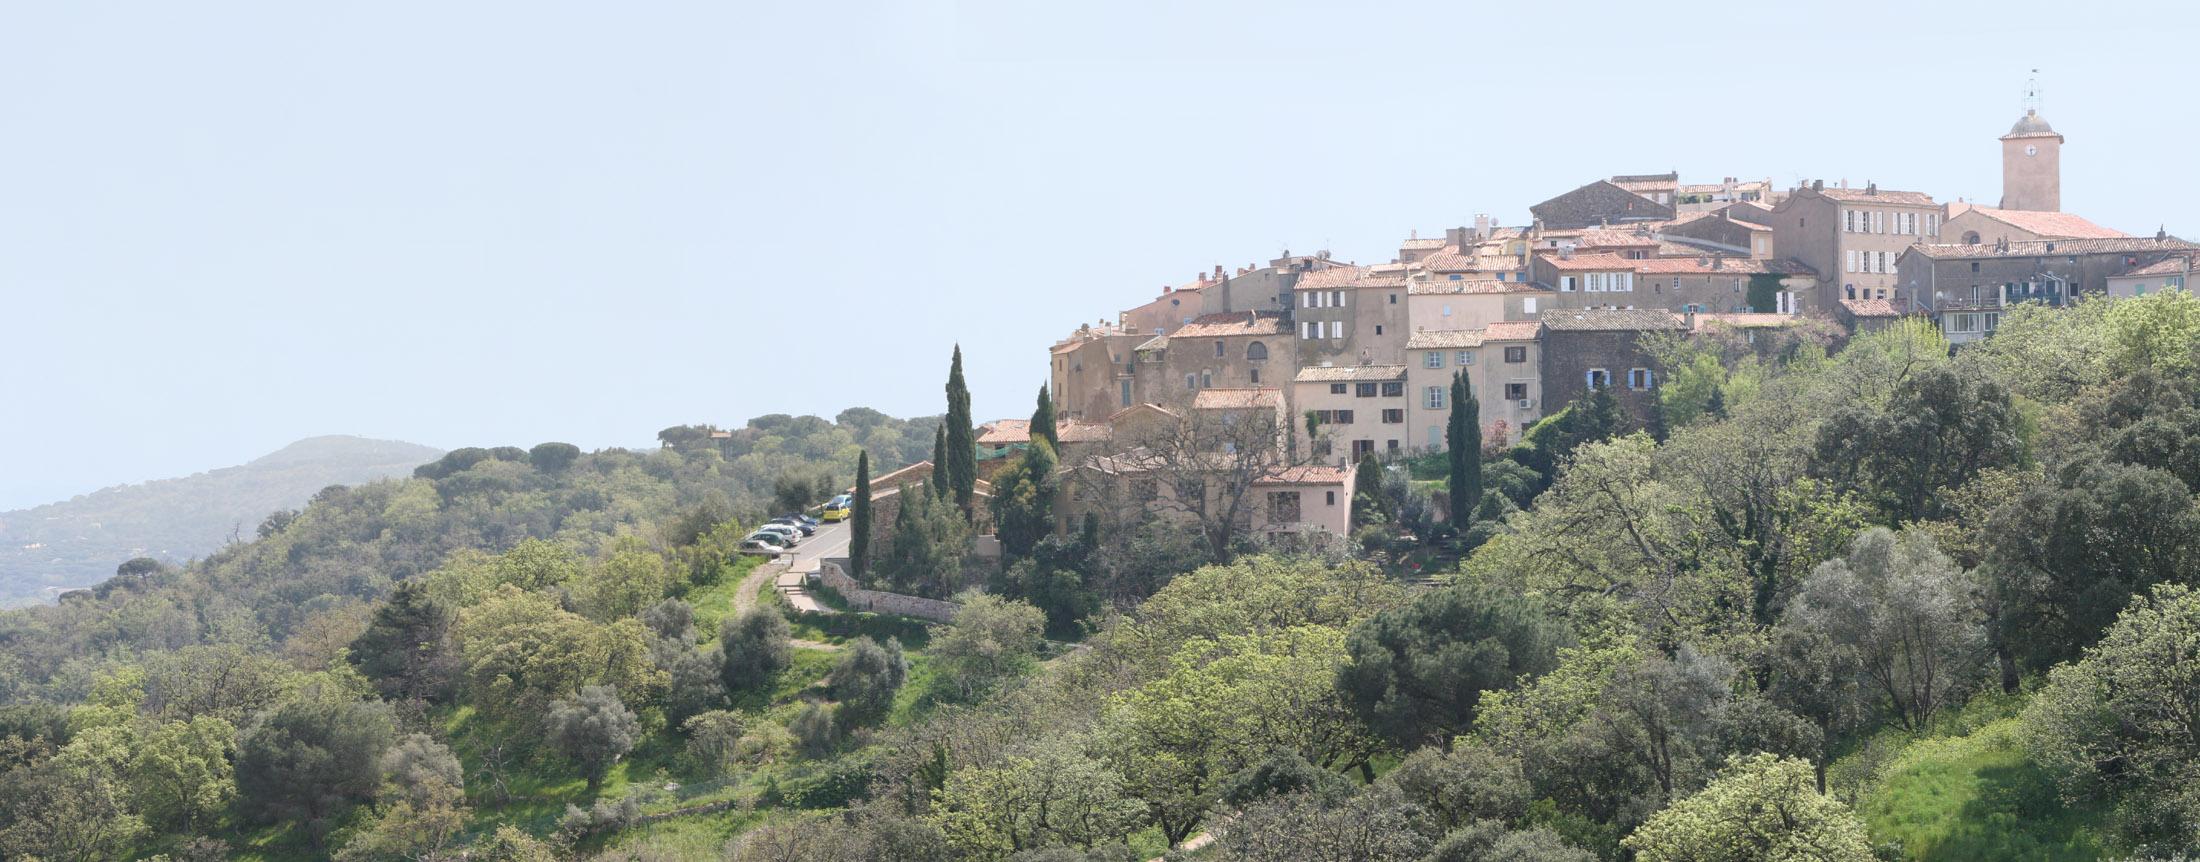 http://upload.wikimedia.org/wikipedia/commons/9/98/Ramatuelle_Panorama.jpg